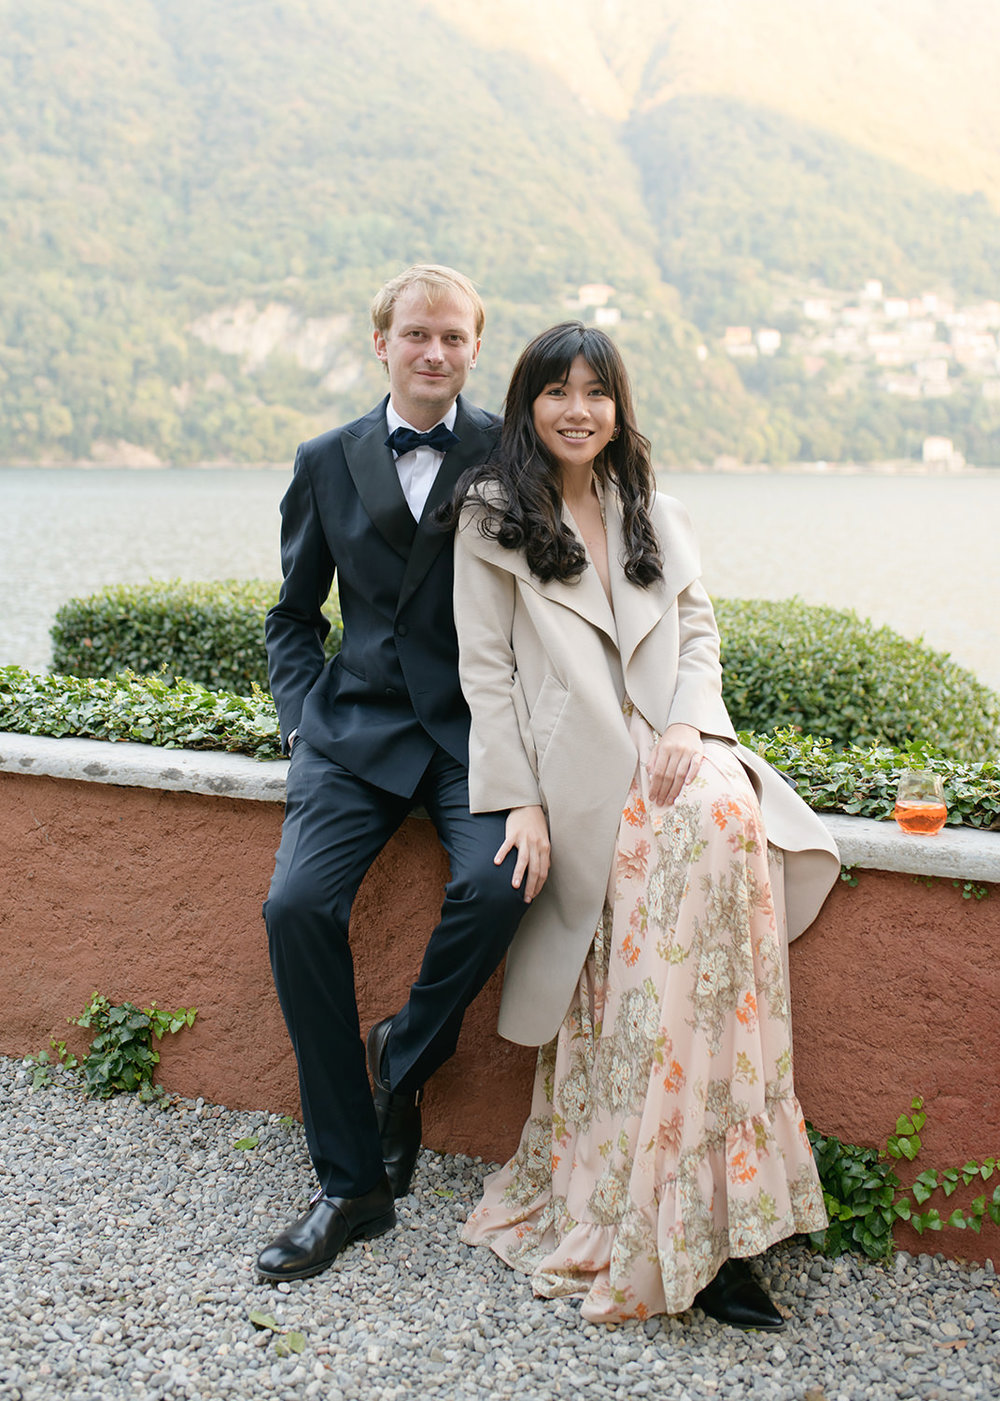 villa-regina-teodolinda-wedding-photographer-C&B-©bottega53-99.JPG